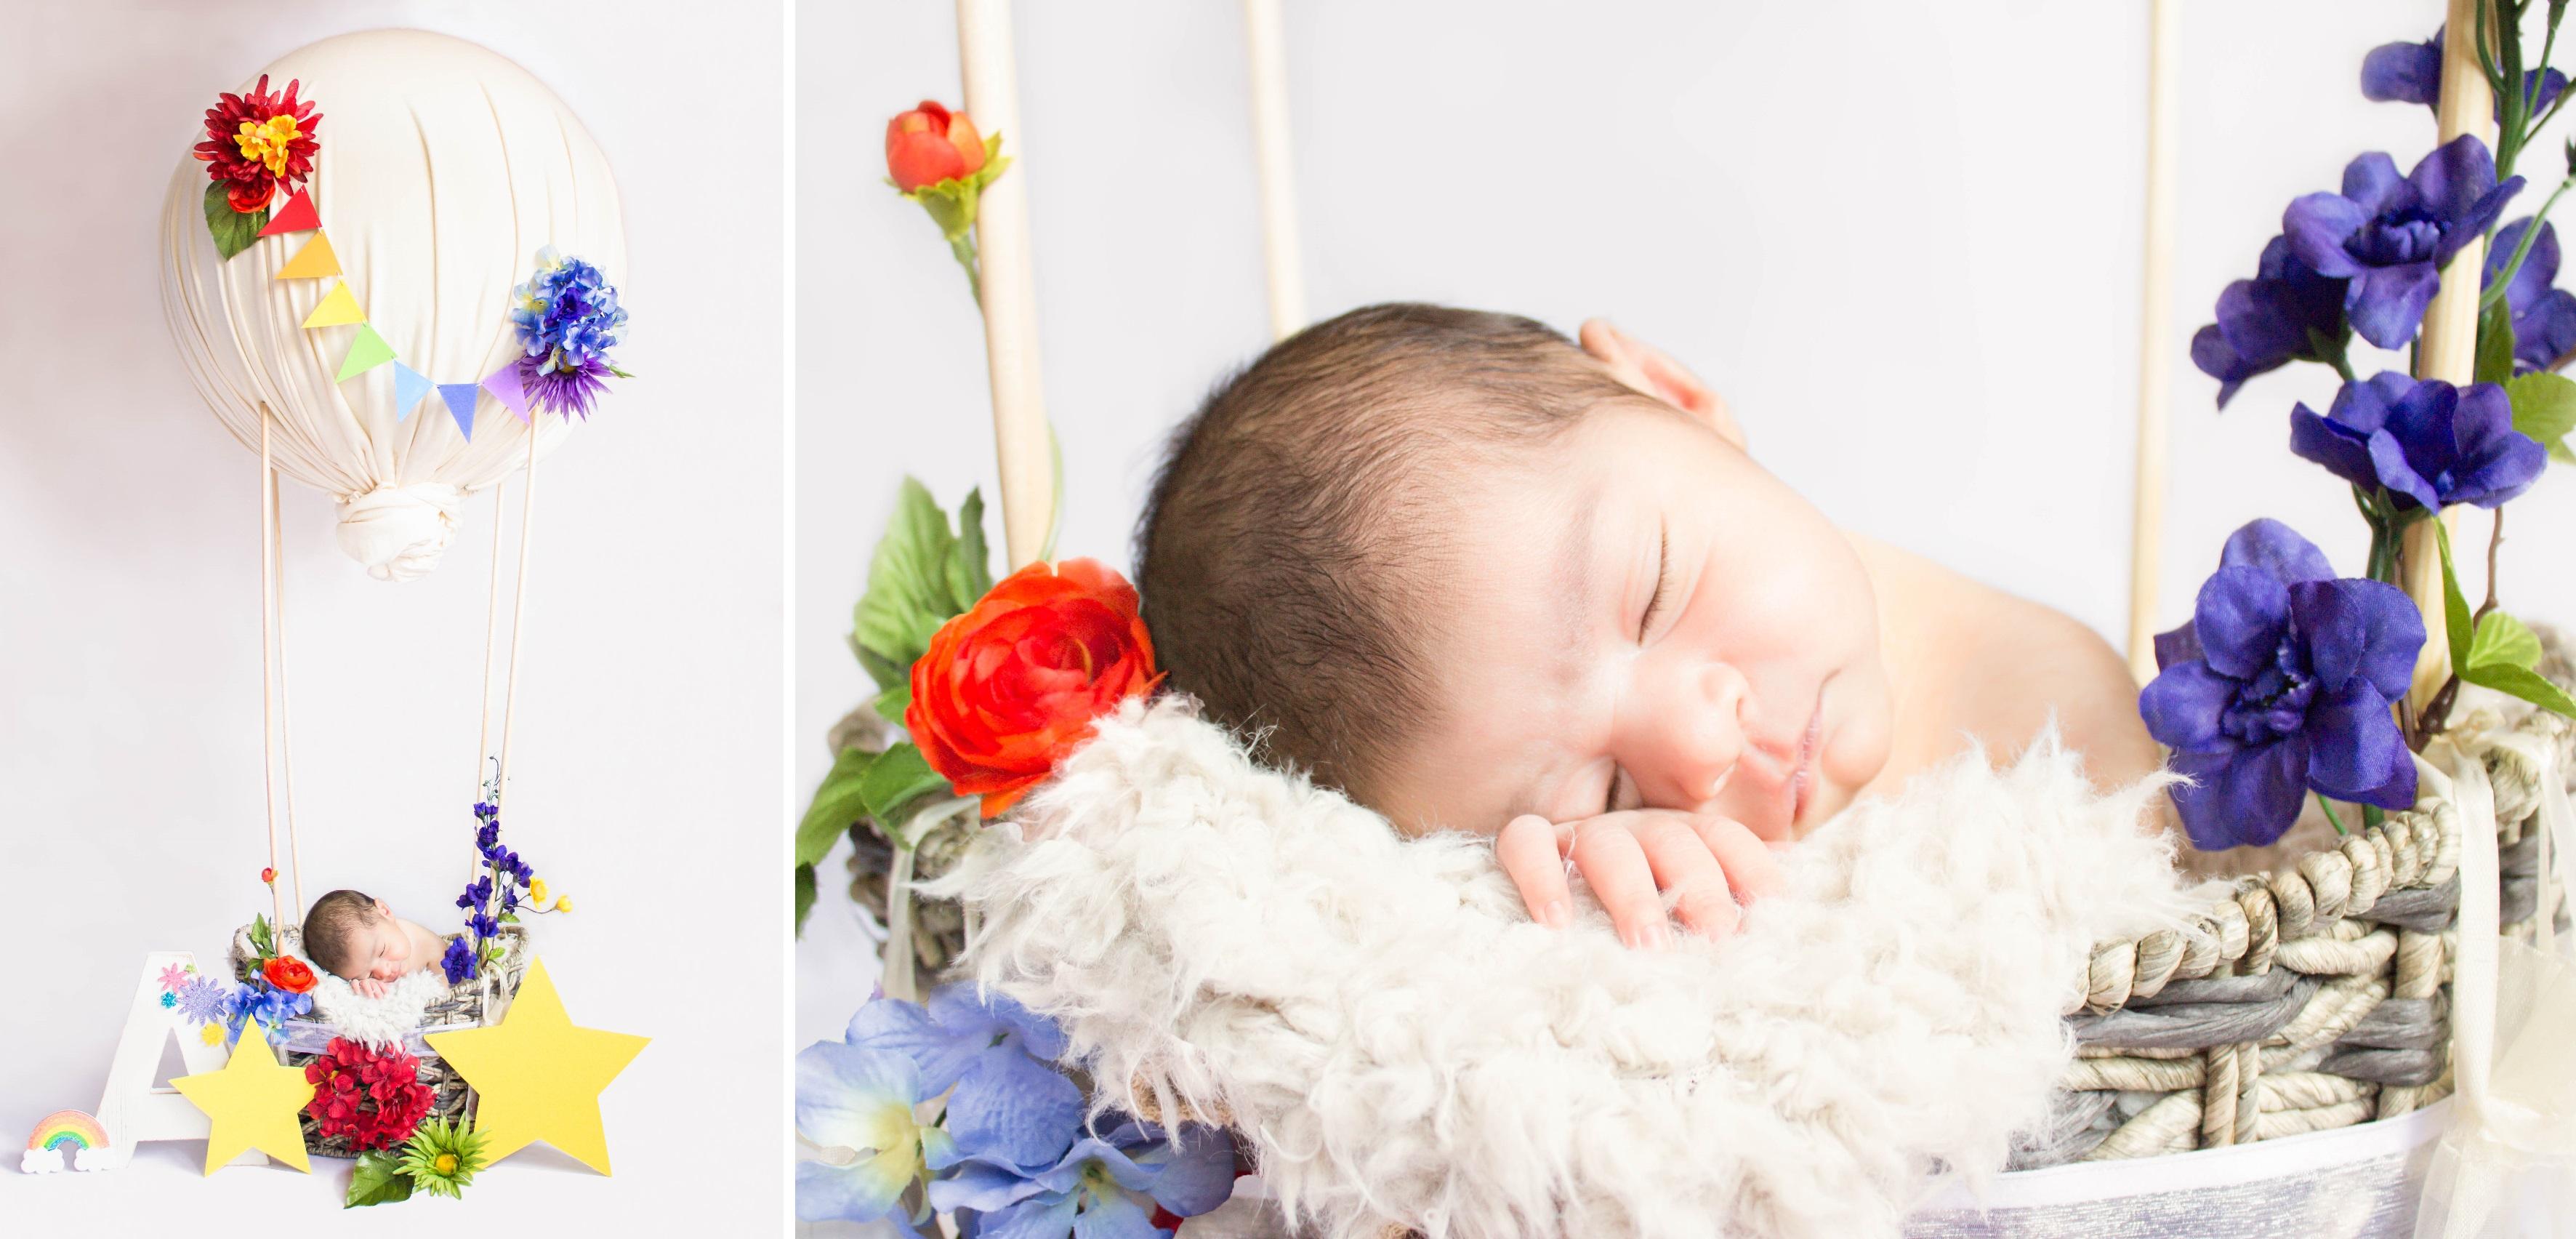 Newborn baby in hot-air balloon prop